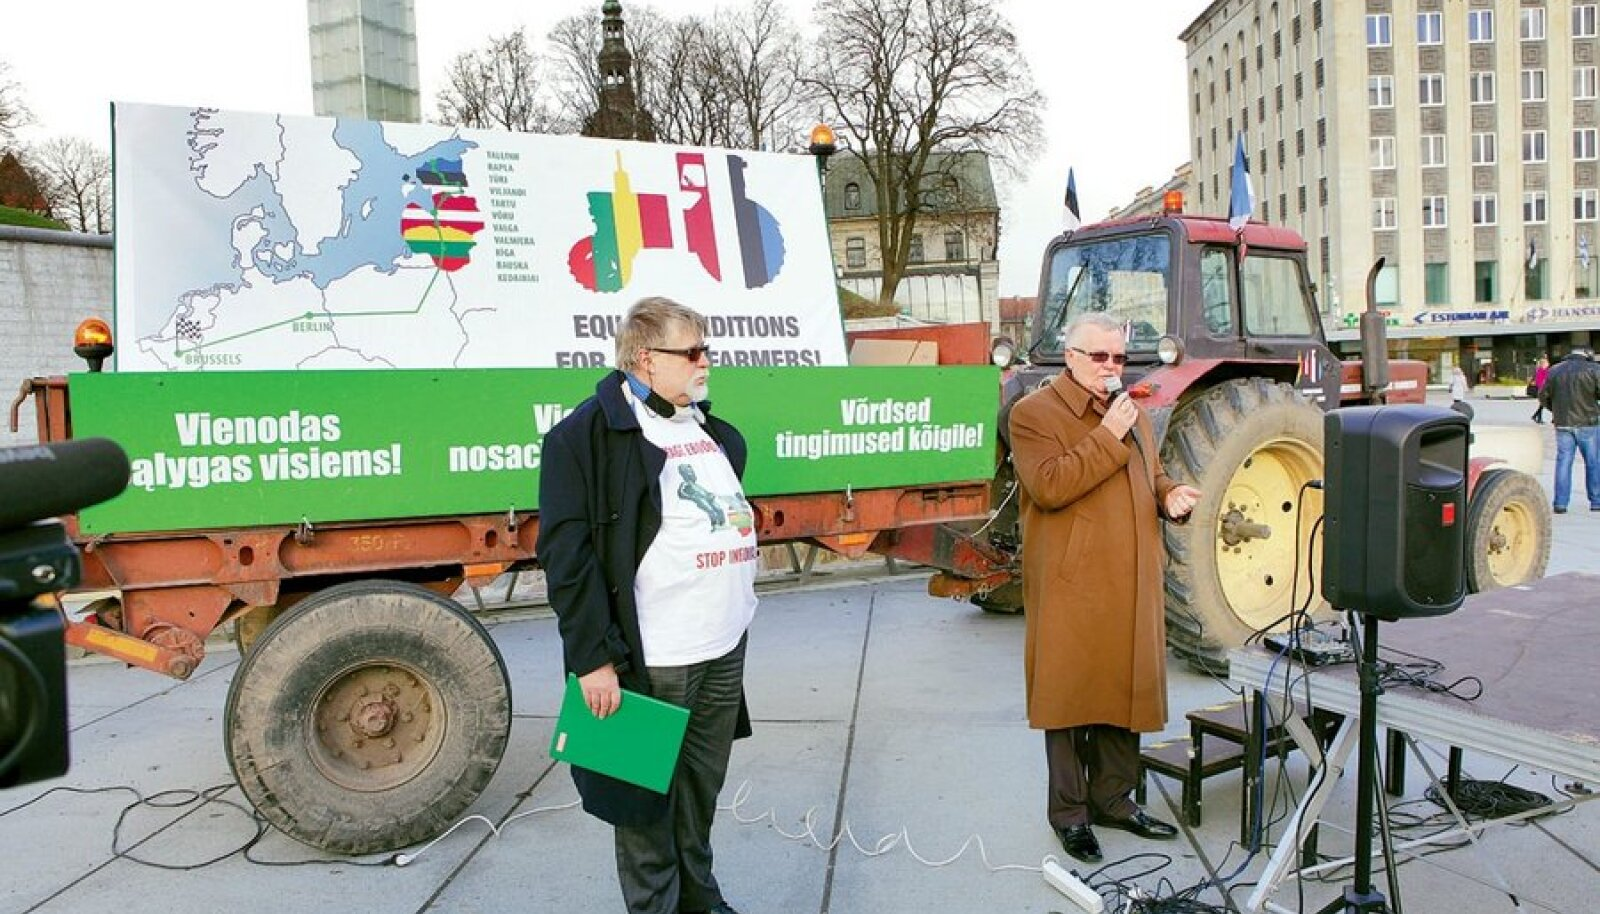 Traktorile luges toetussõnad kaasa ka Tallinna linnapea Edgar Savisaar. Tema kõrval Tartumaa põllumeeste tulihingeline juht Jaan Sõrra.